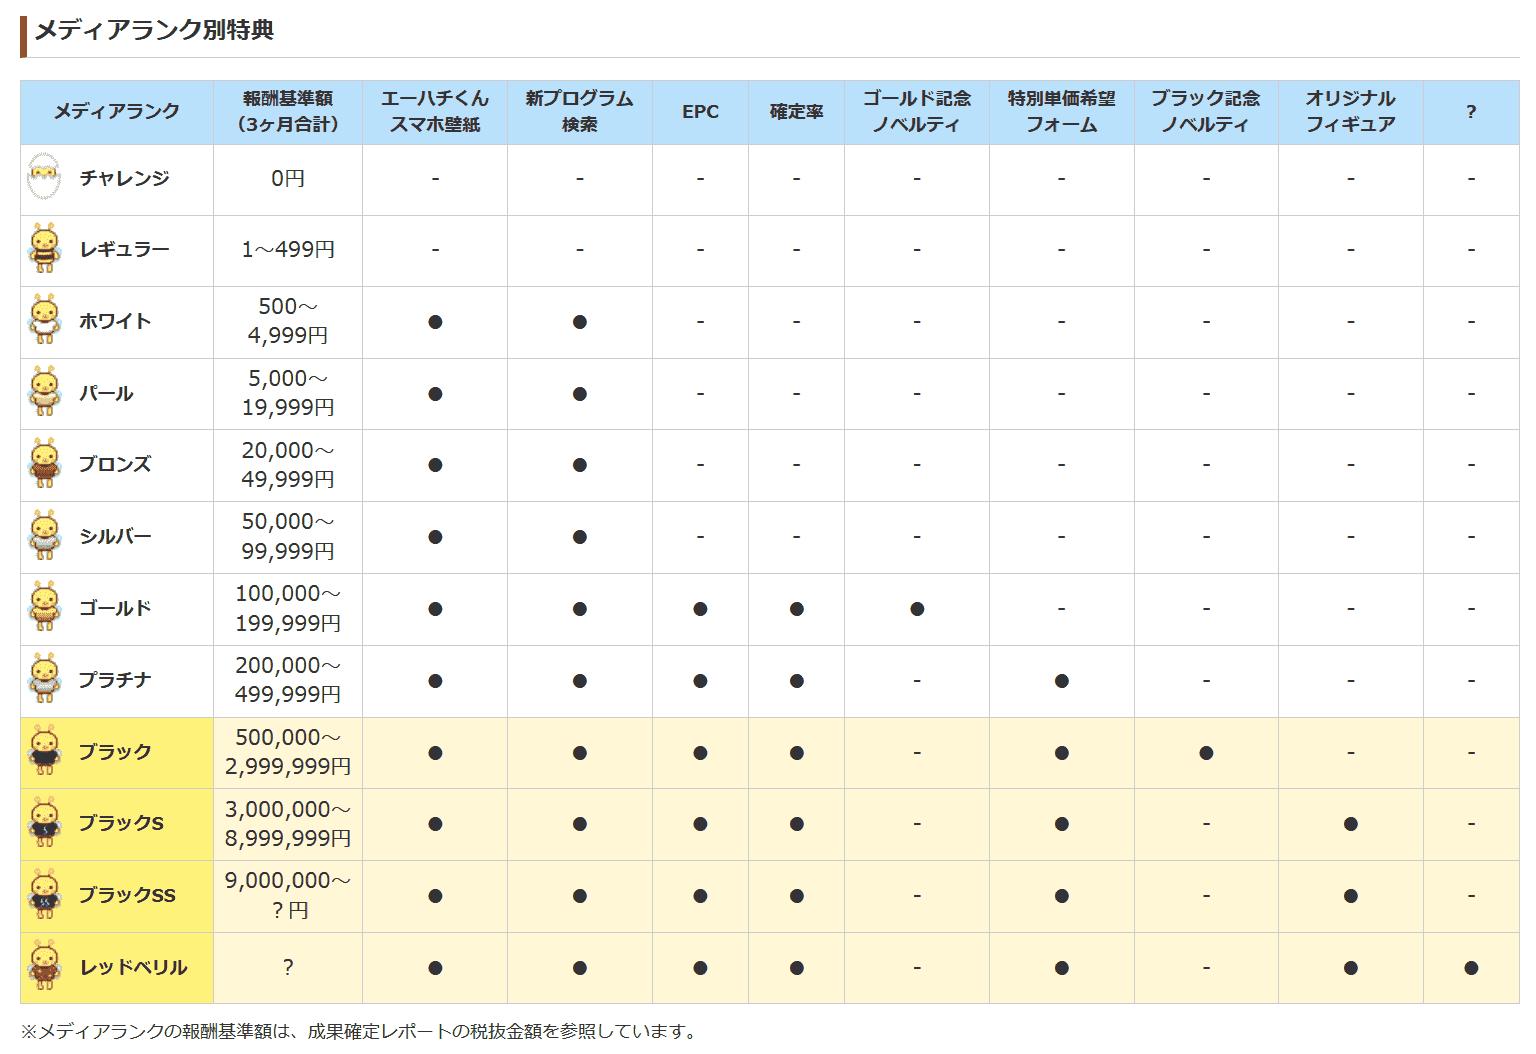 A8.net(エーハチネット)のランク制度について